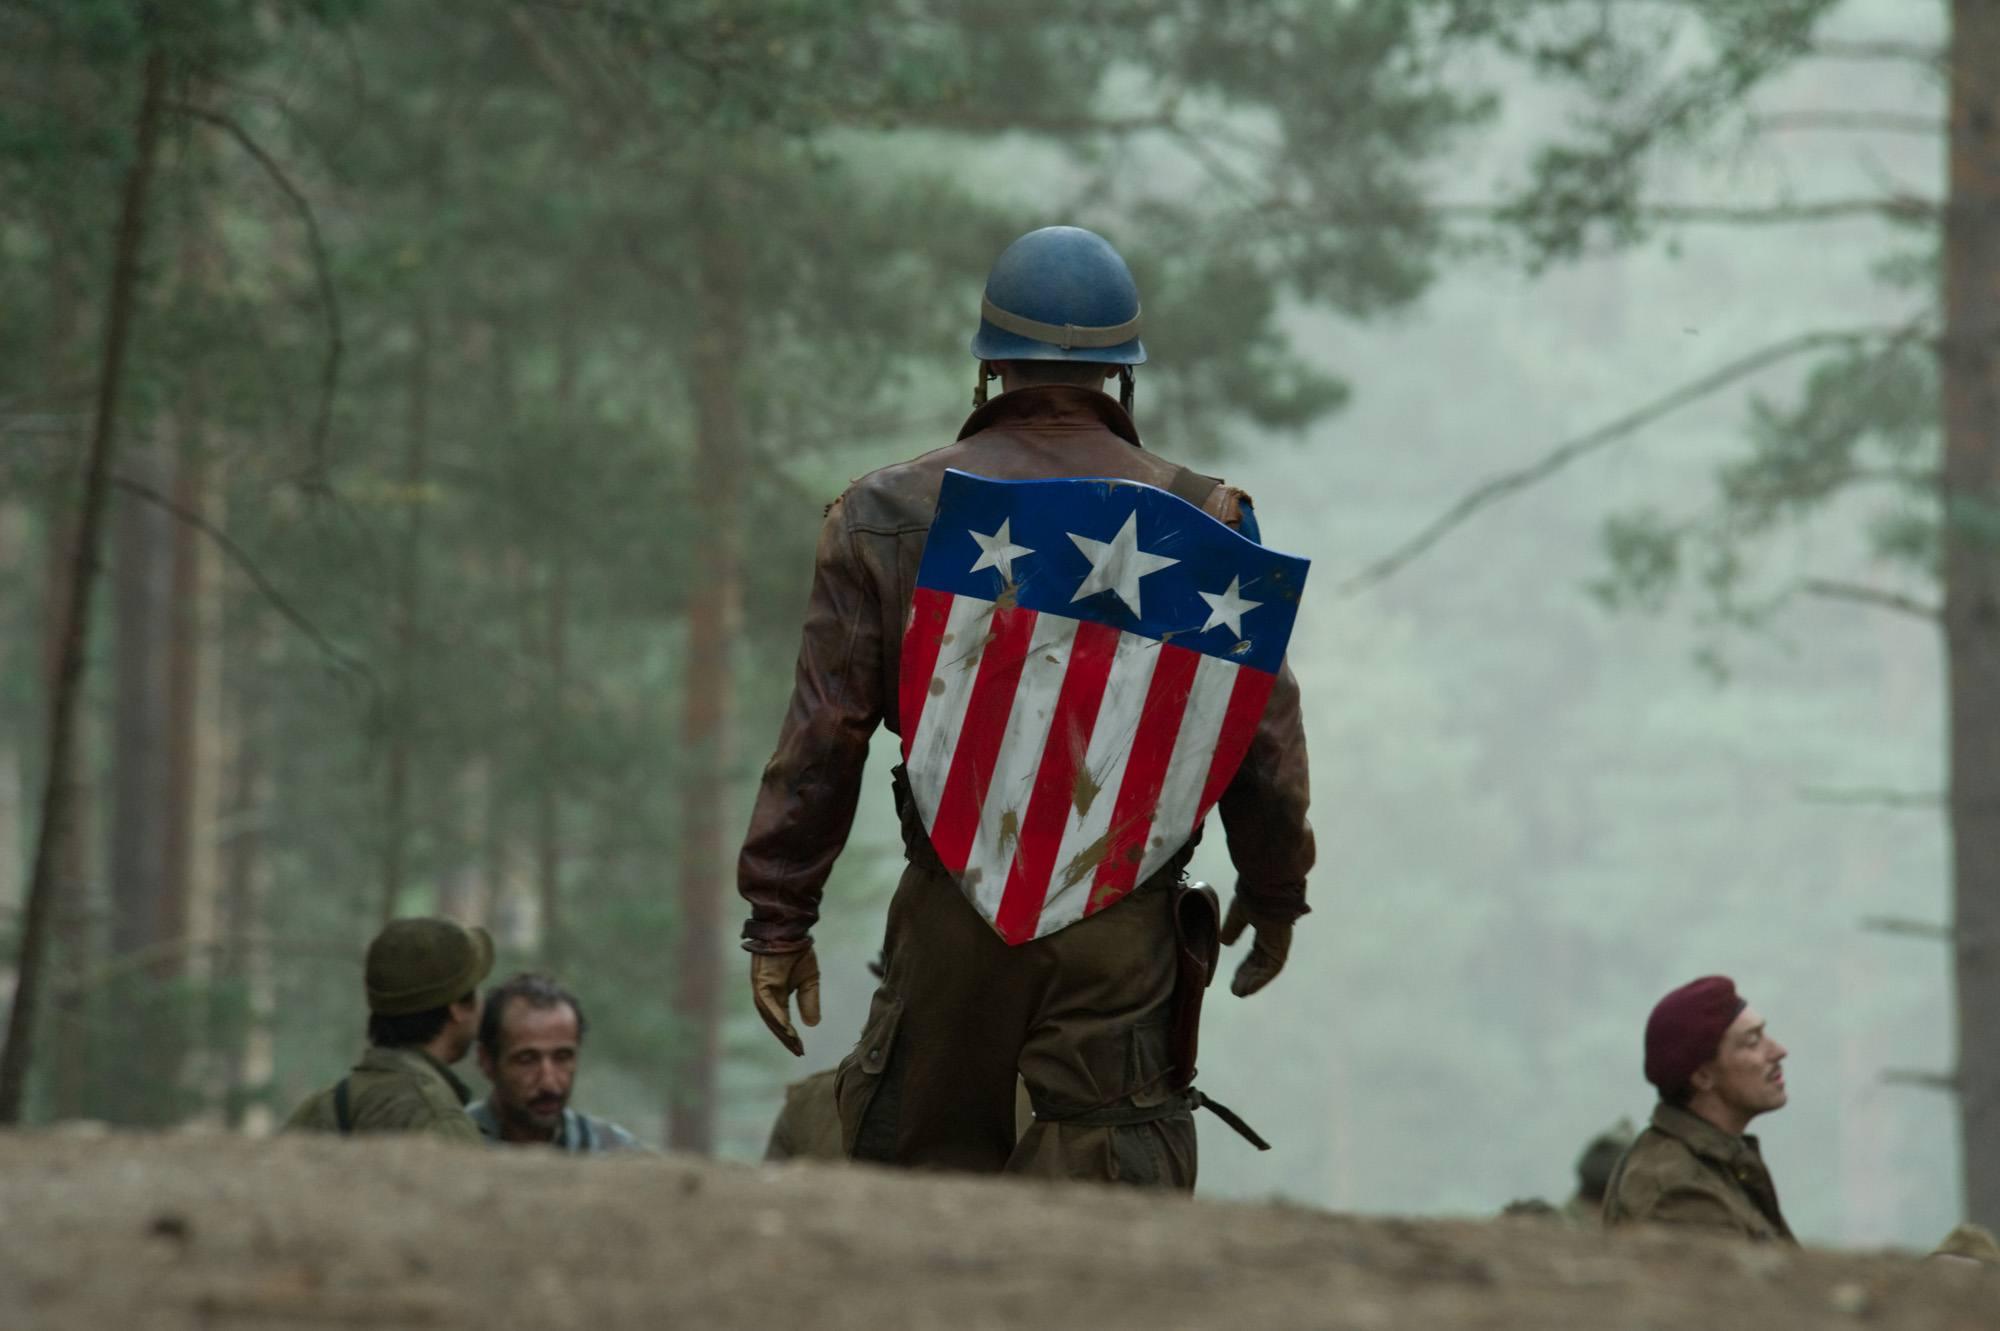 Captain-America-The-First-Avenger-movie-image-Chris-Evans-as-Steve-Rogers-3.jpg